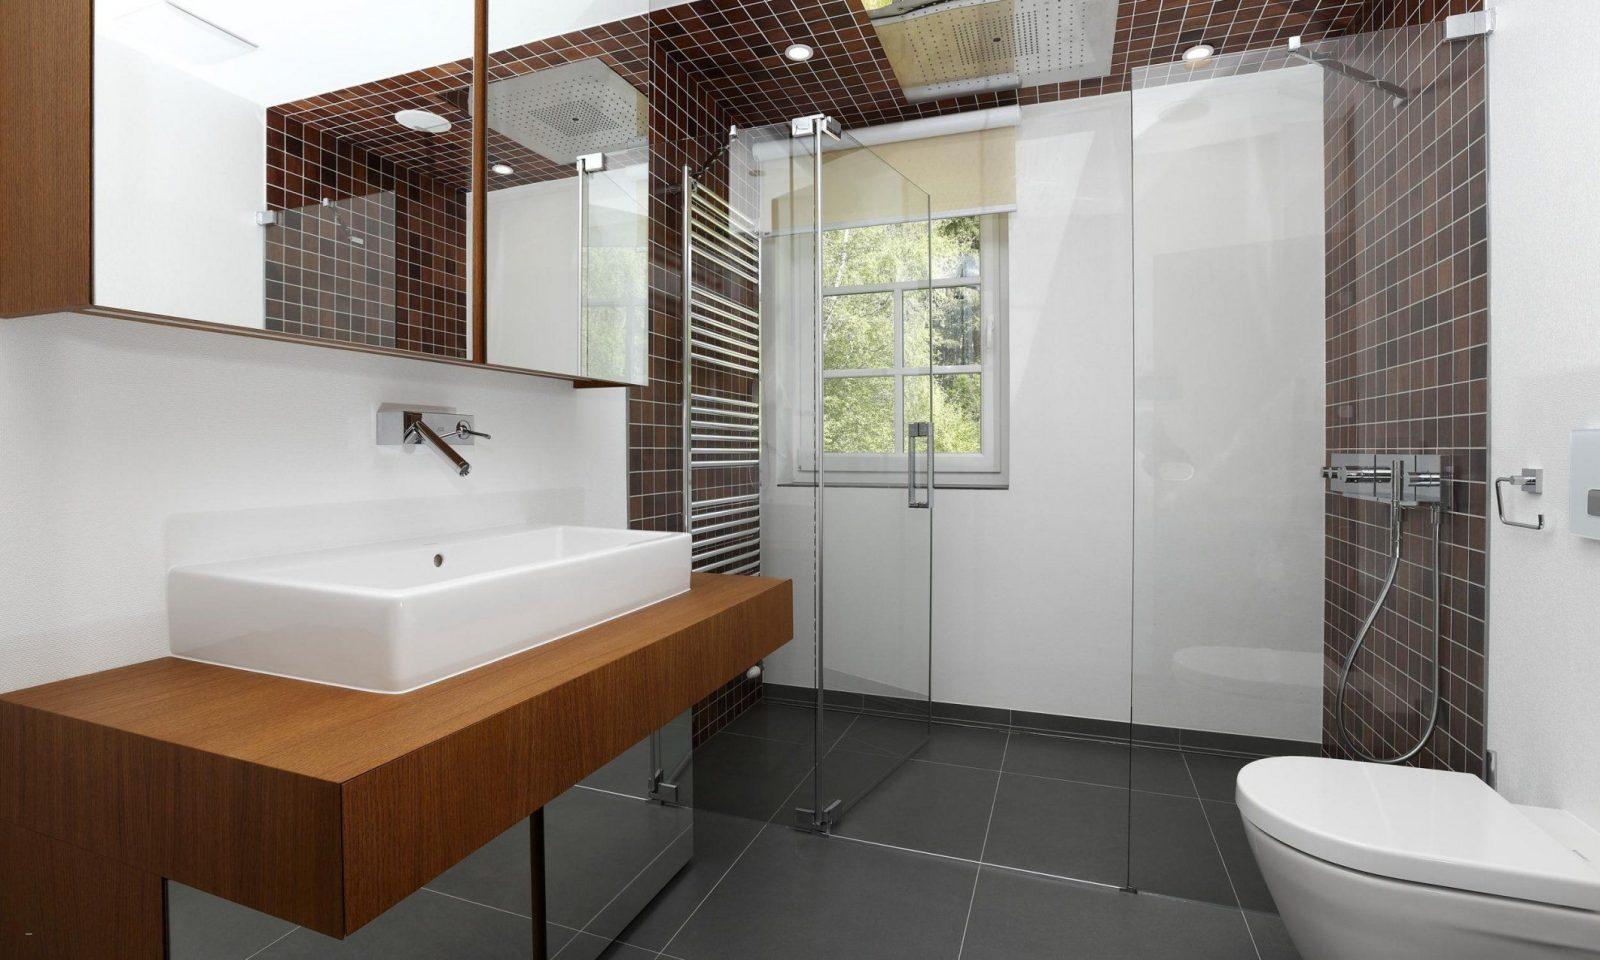 Modernes Badezimmer Ohne Fliesen Schon Haus Design Ideen Von